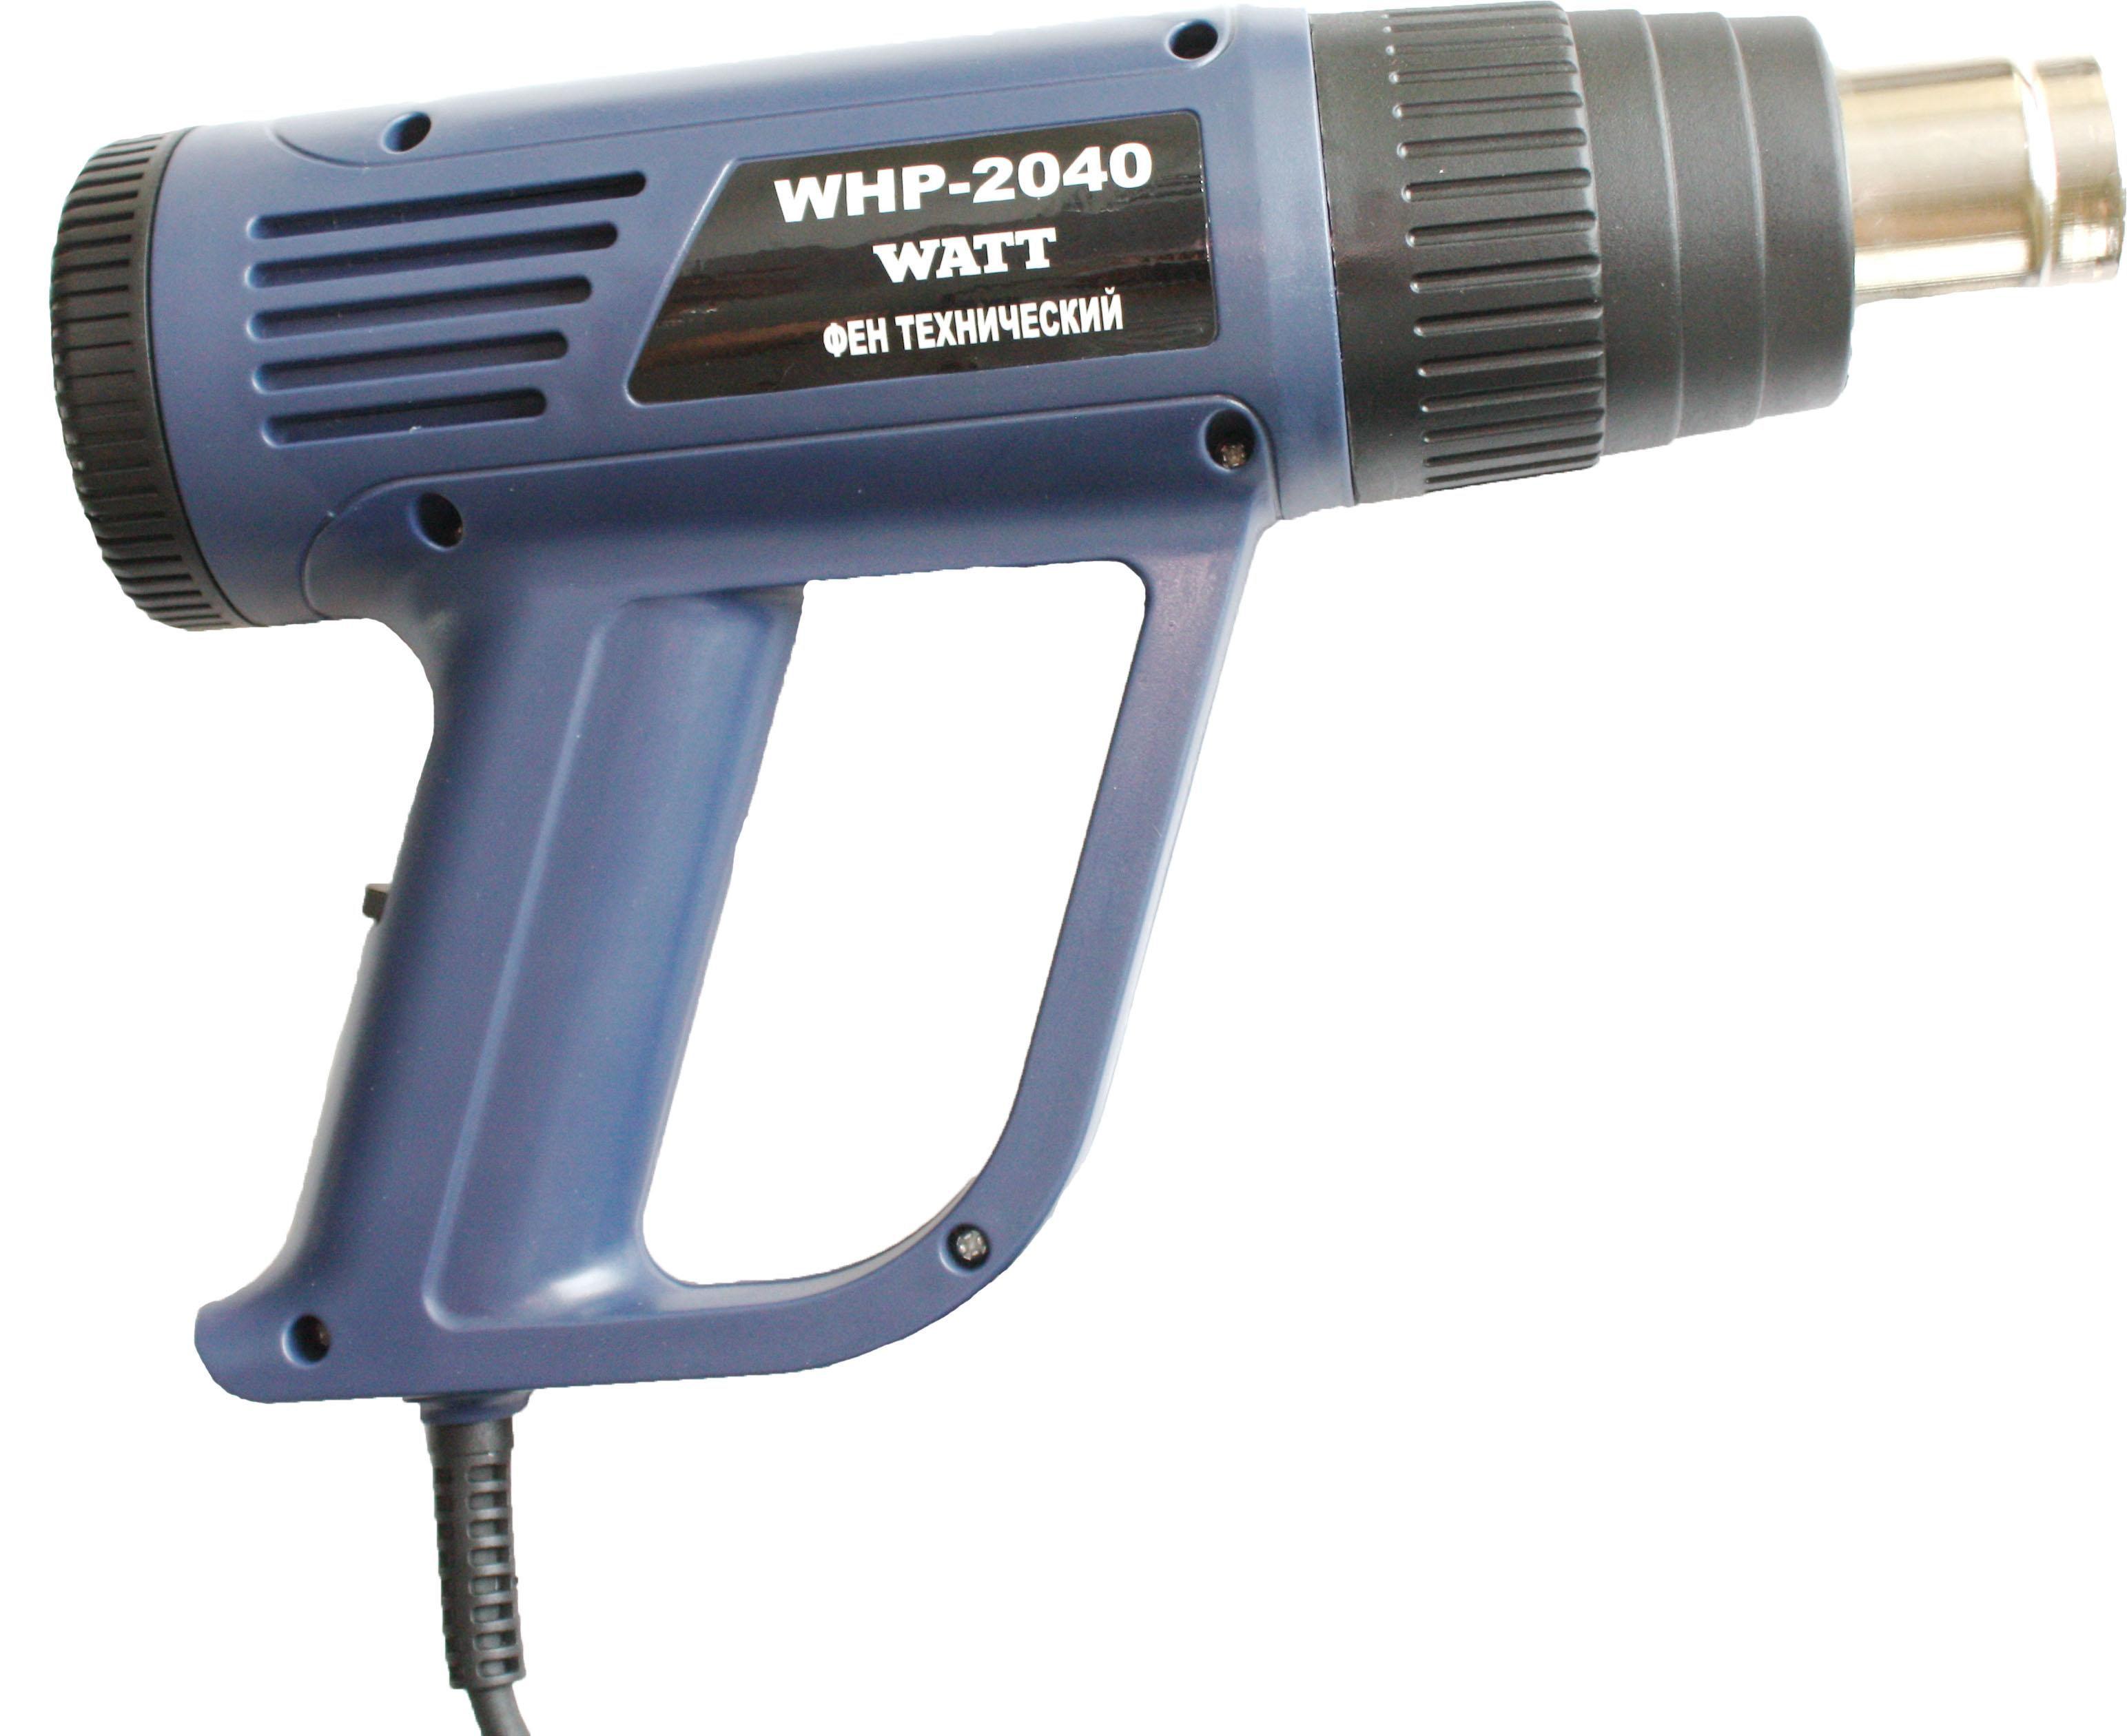 Фен технический WATT WHP-2040 (7.020.004.00)